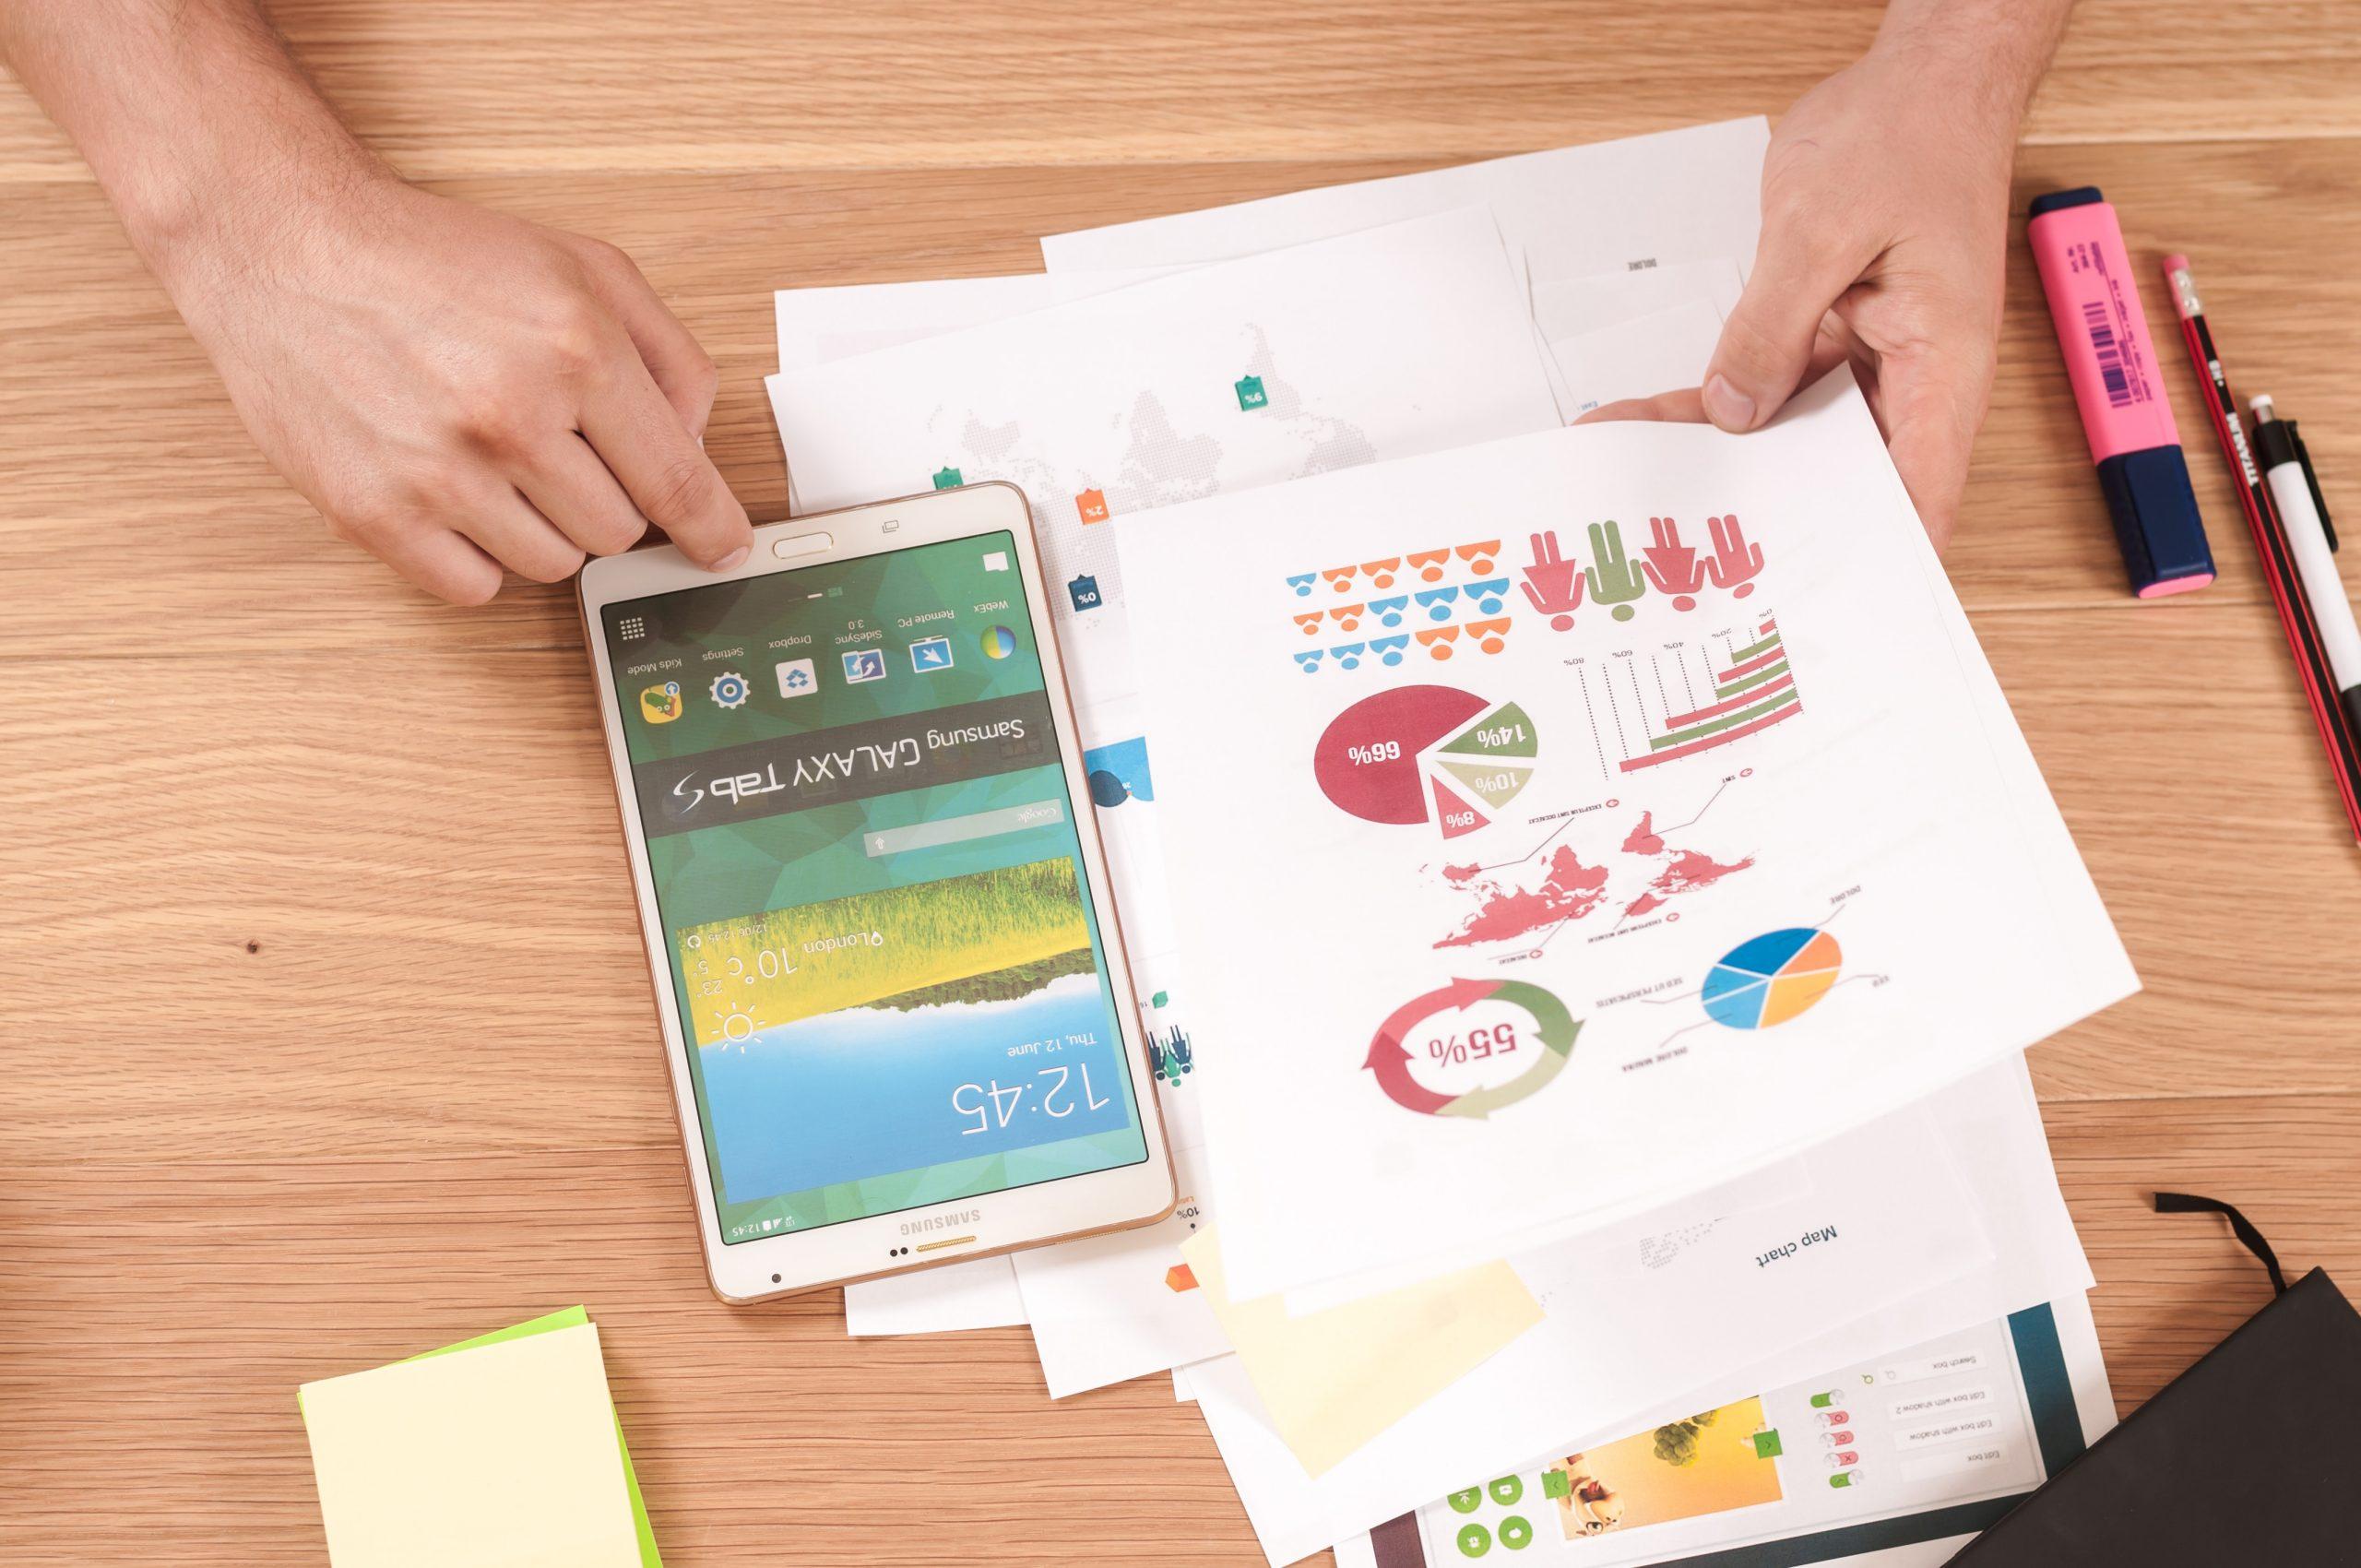 Hoe waardering en bedrijfswaardering uw bedrijf kunnen helpen